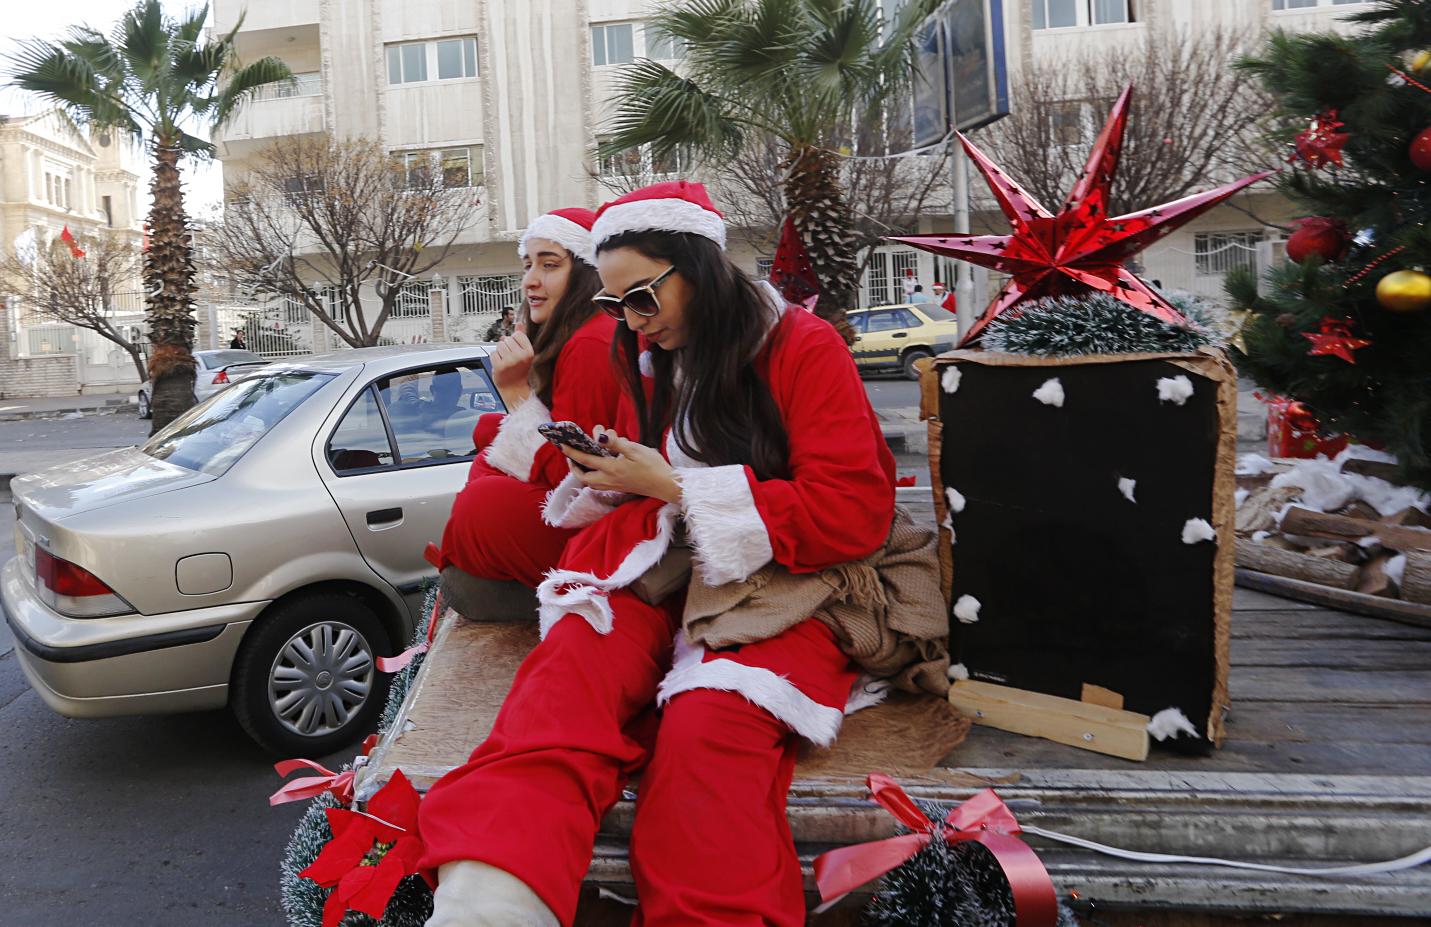 المواطنون السوريون يحتفلون بعيد الميلاد